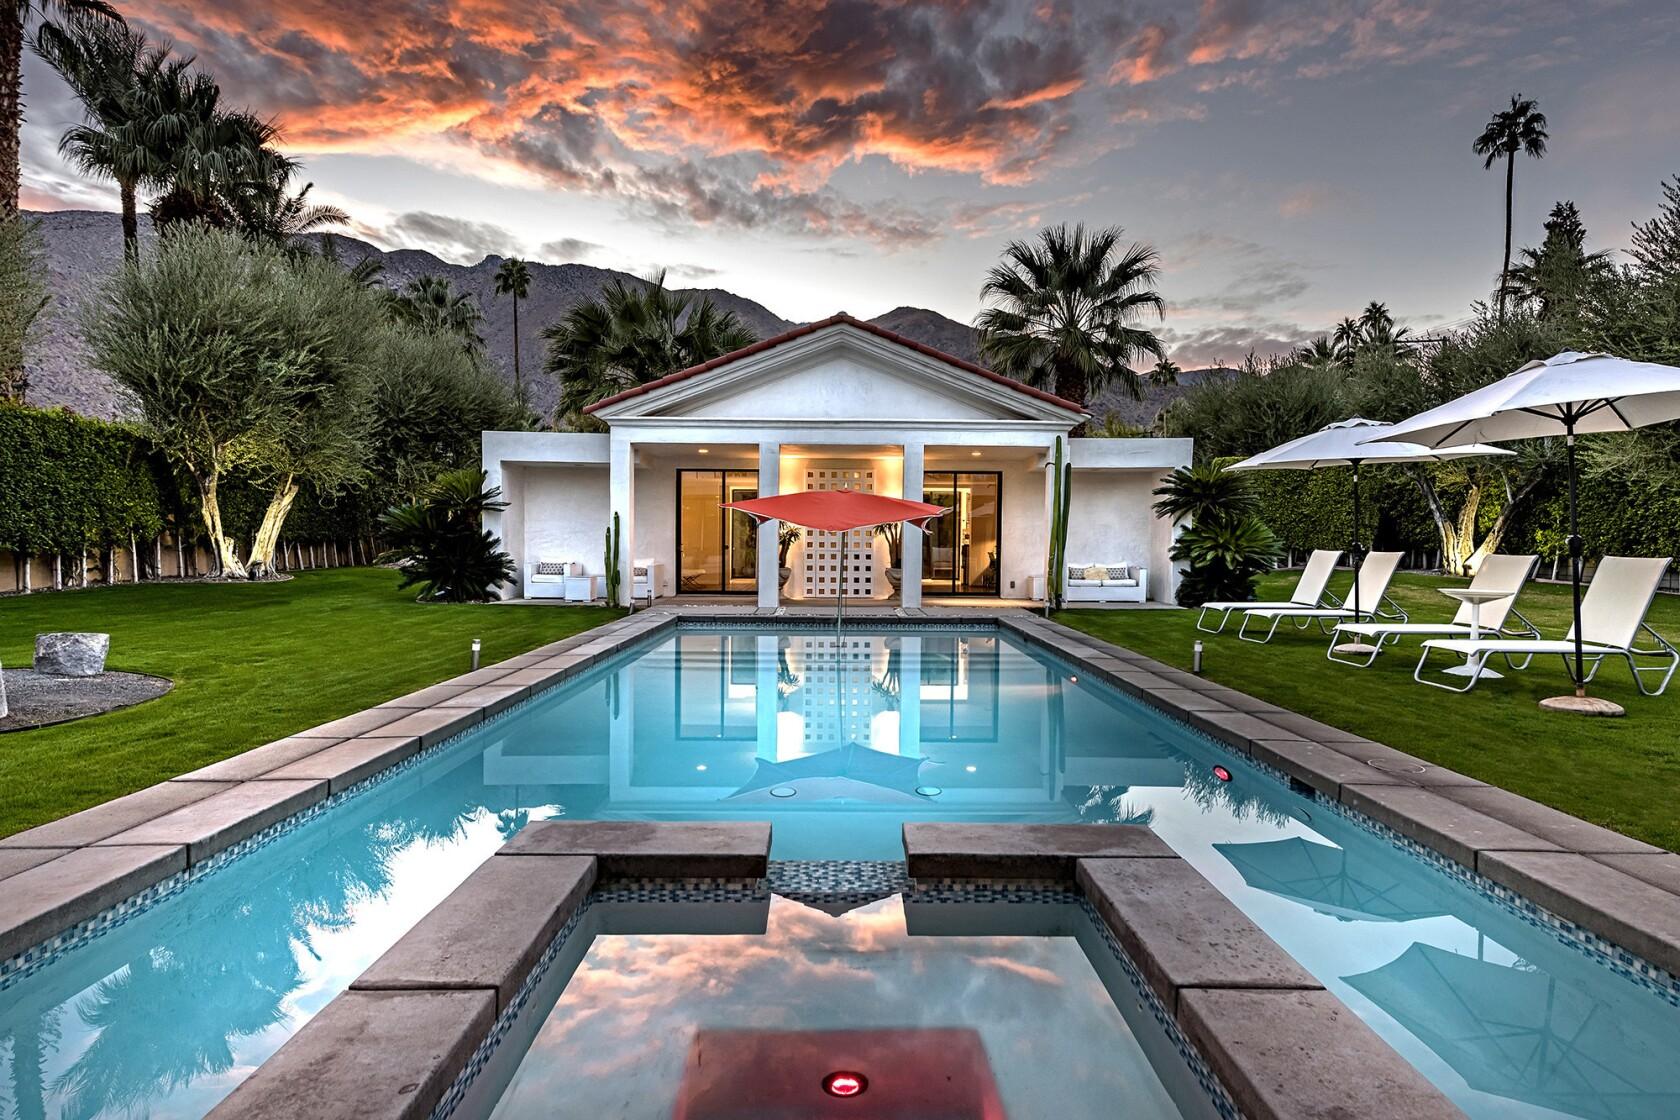 Vintage SoCal: Studio head Jack Warner created his own oasis in Palm Springs